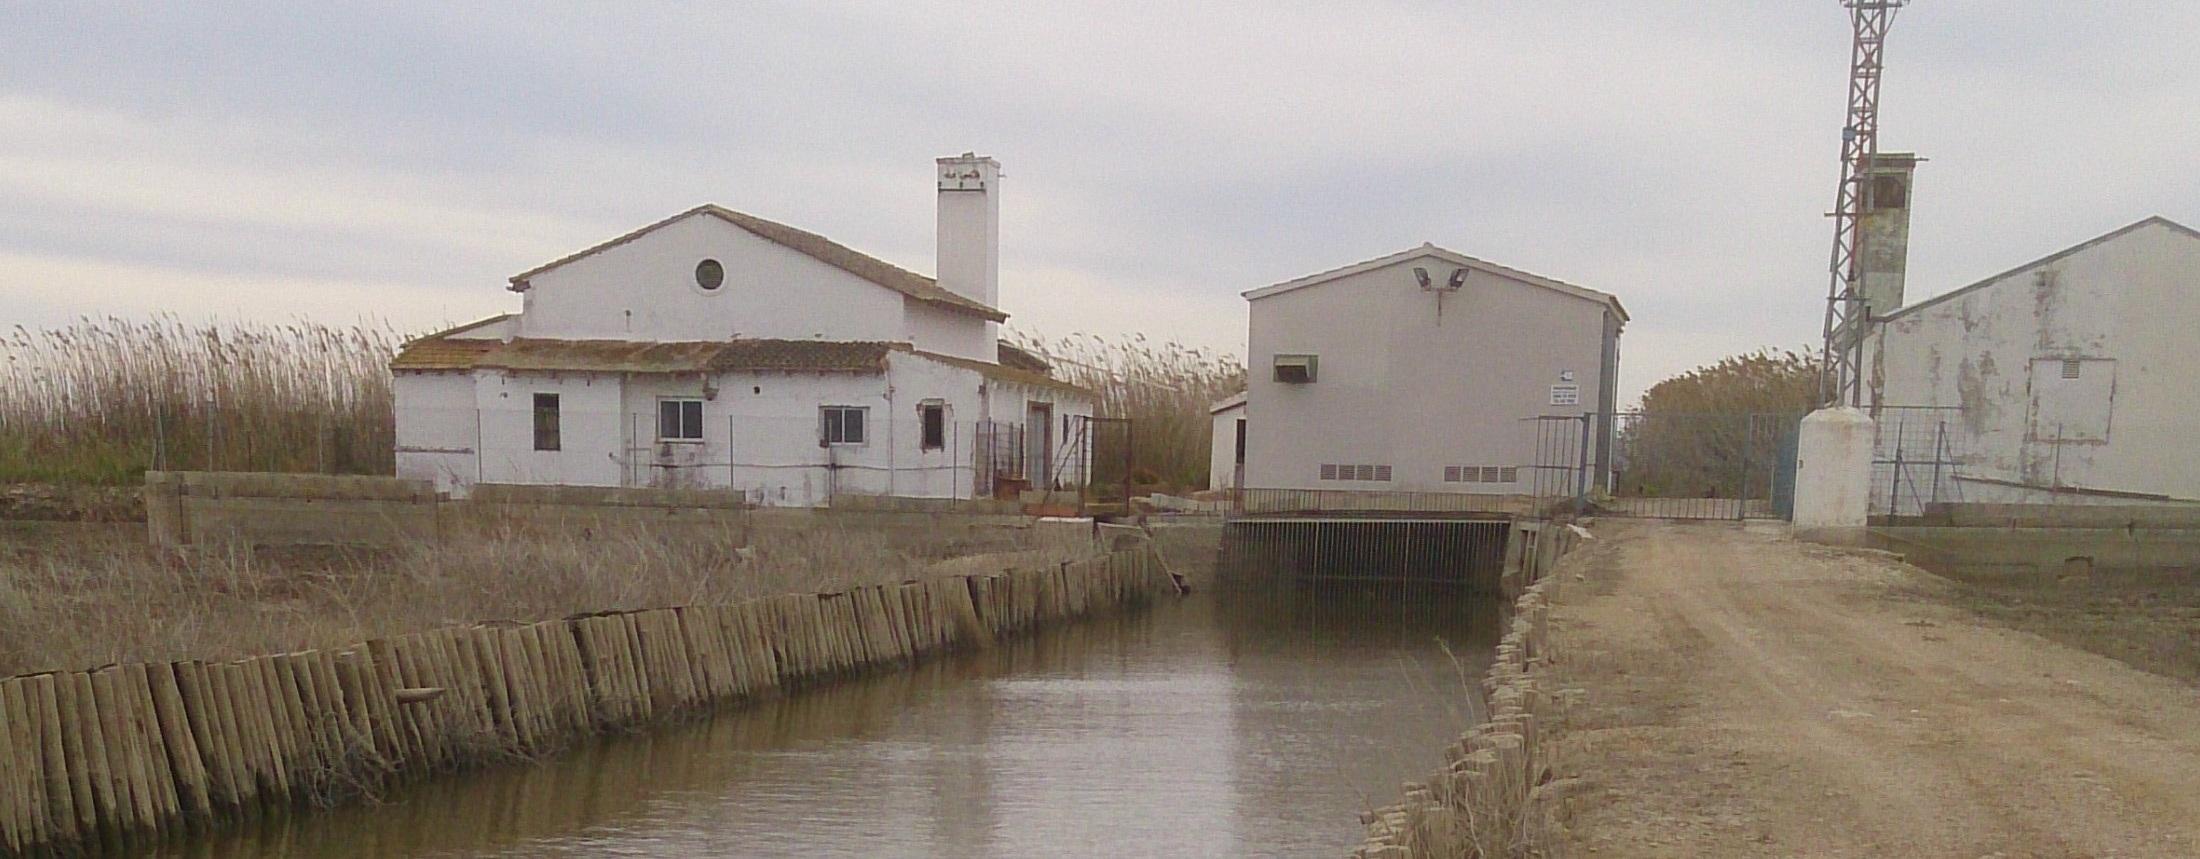 las-turbinas